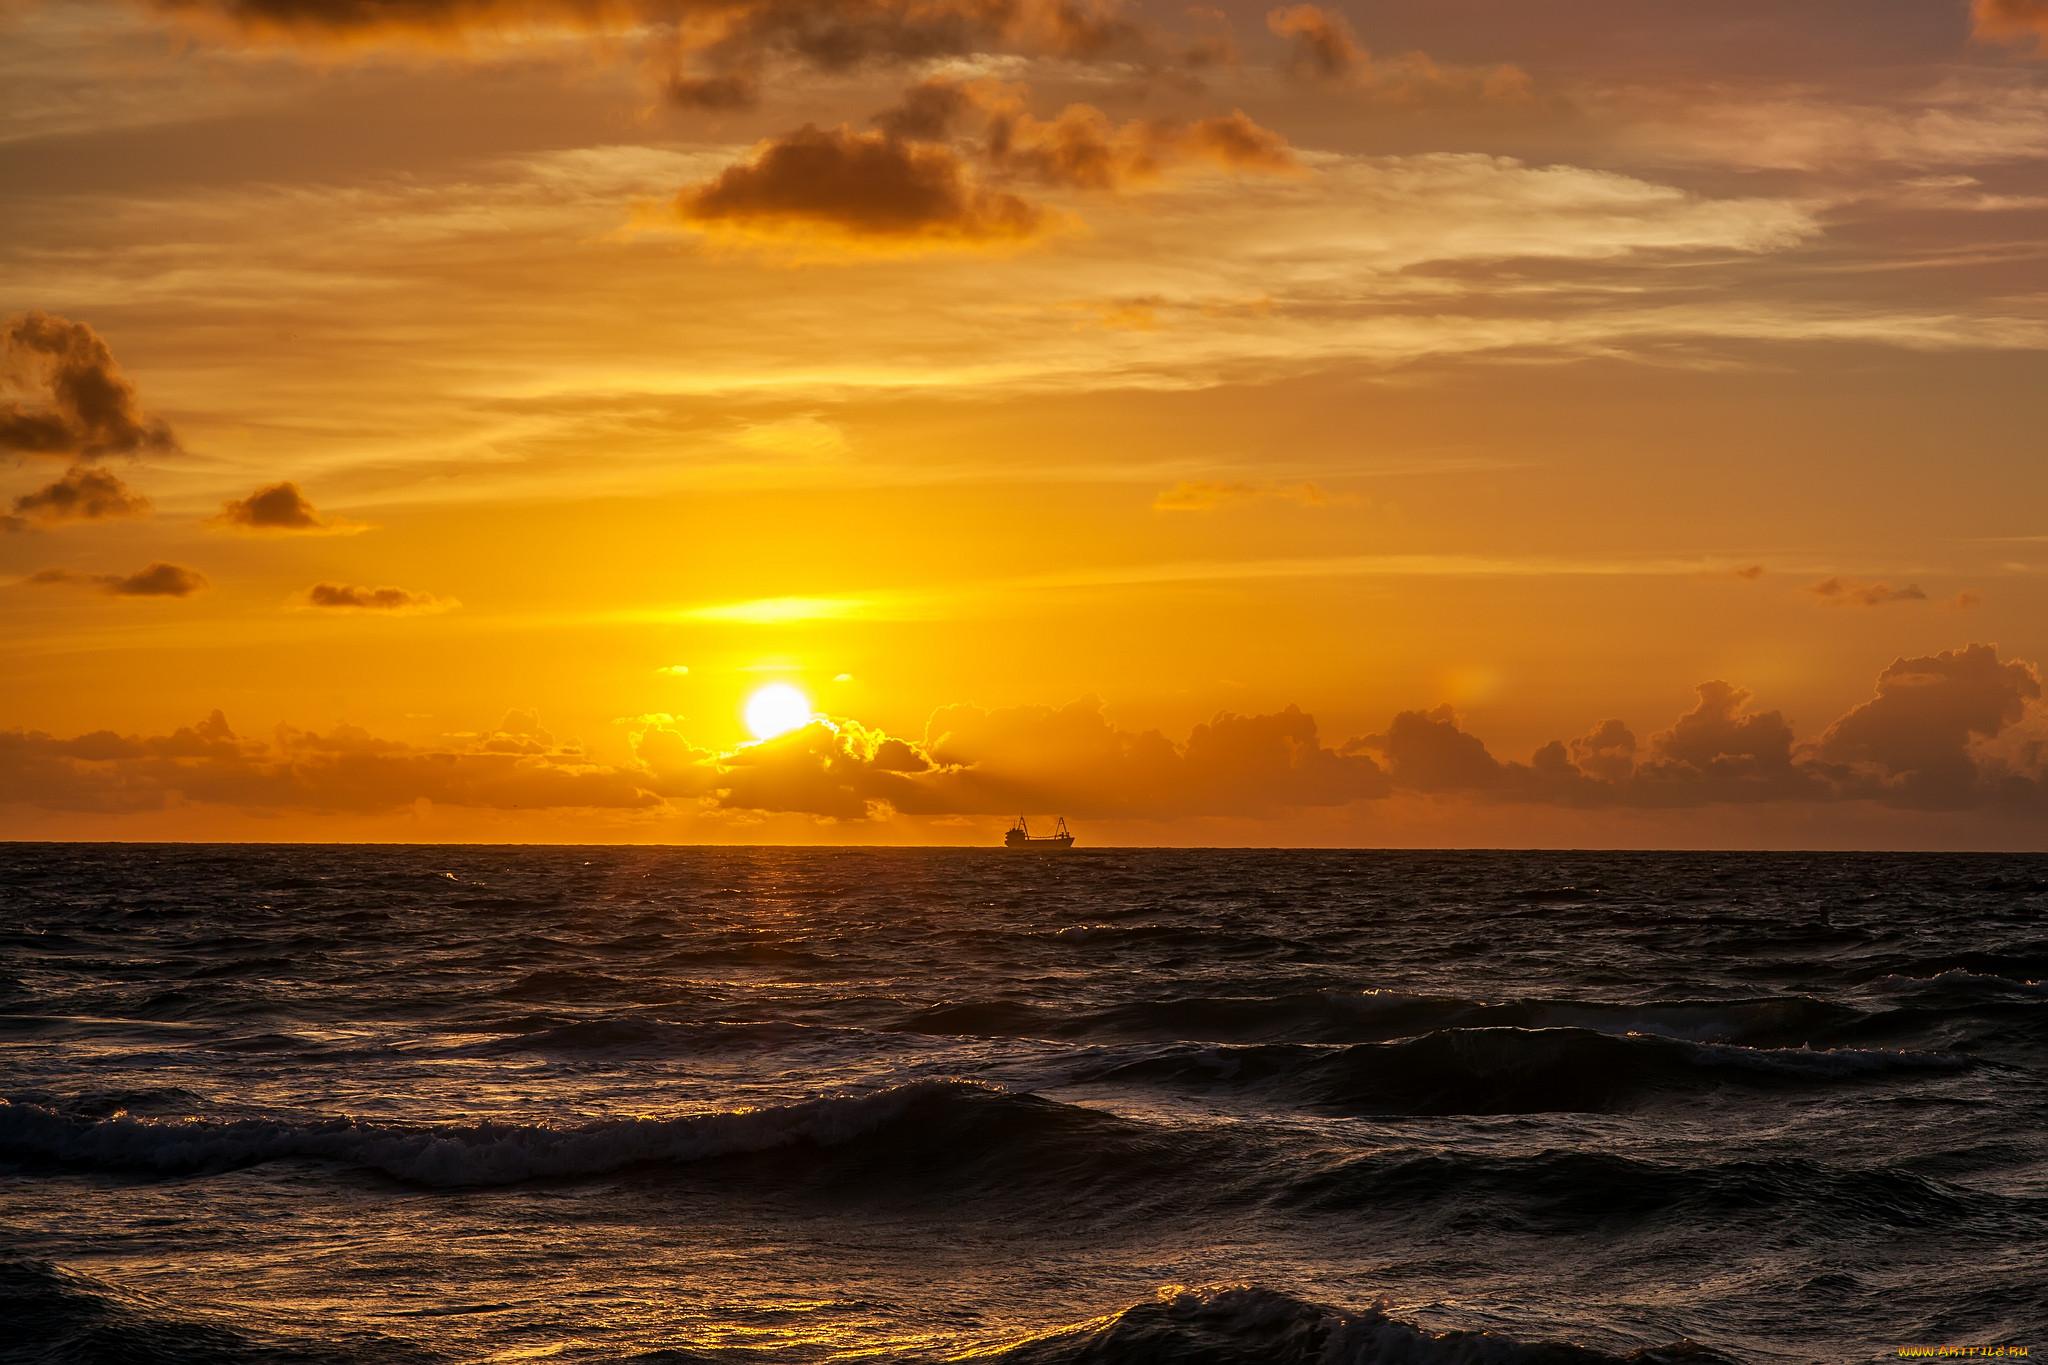 закат на море закат на океане все картинки стала